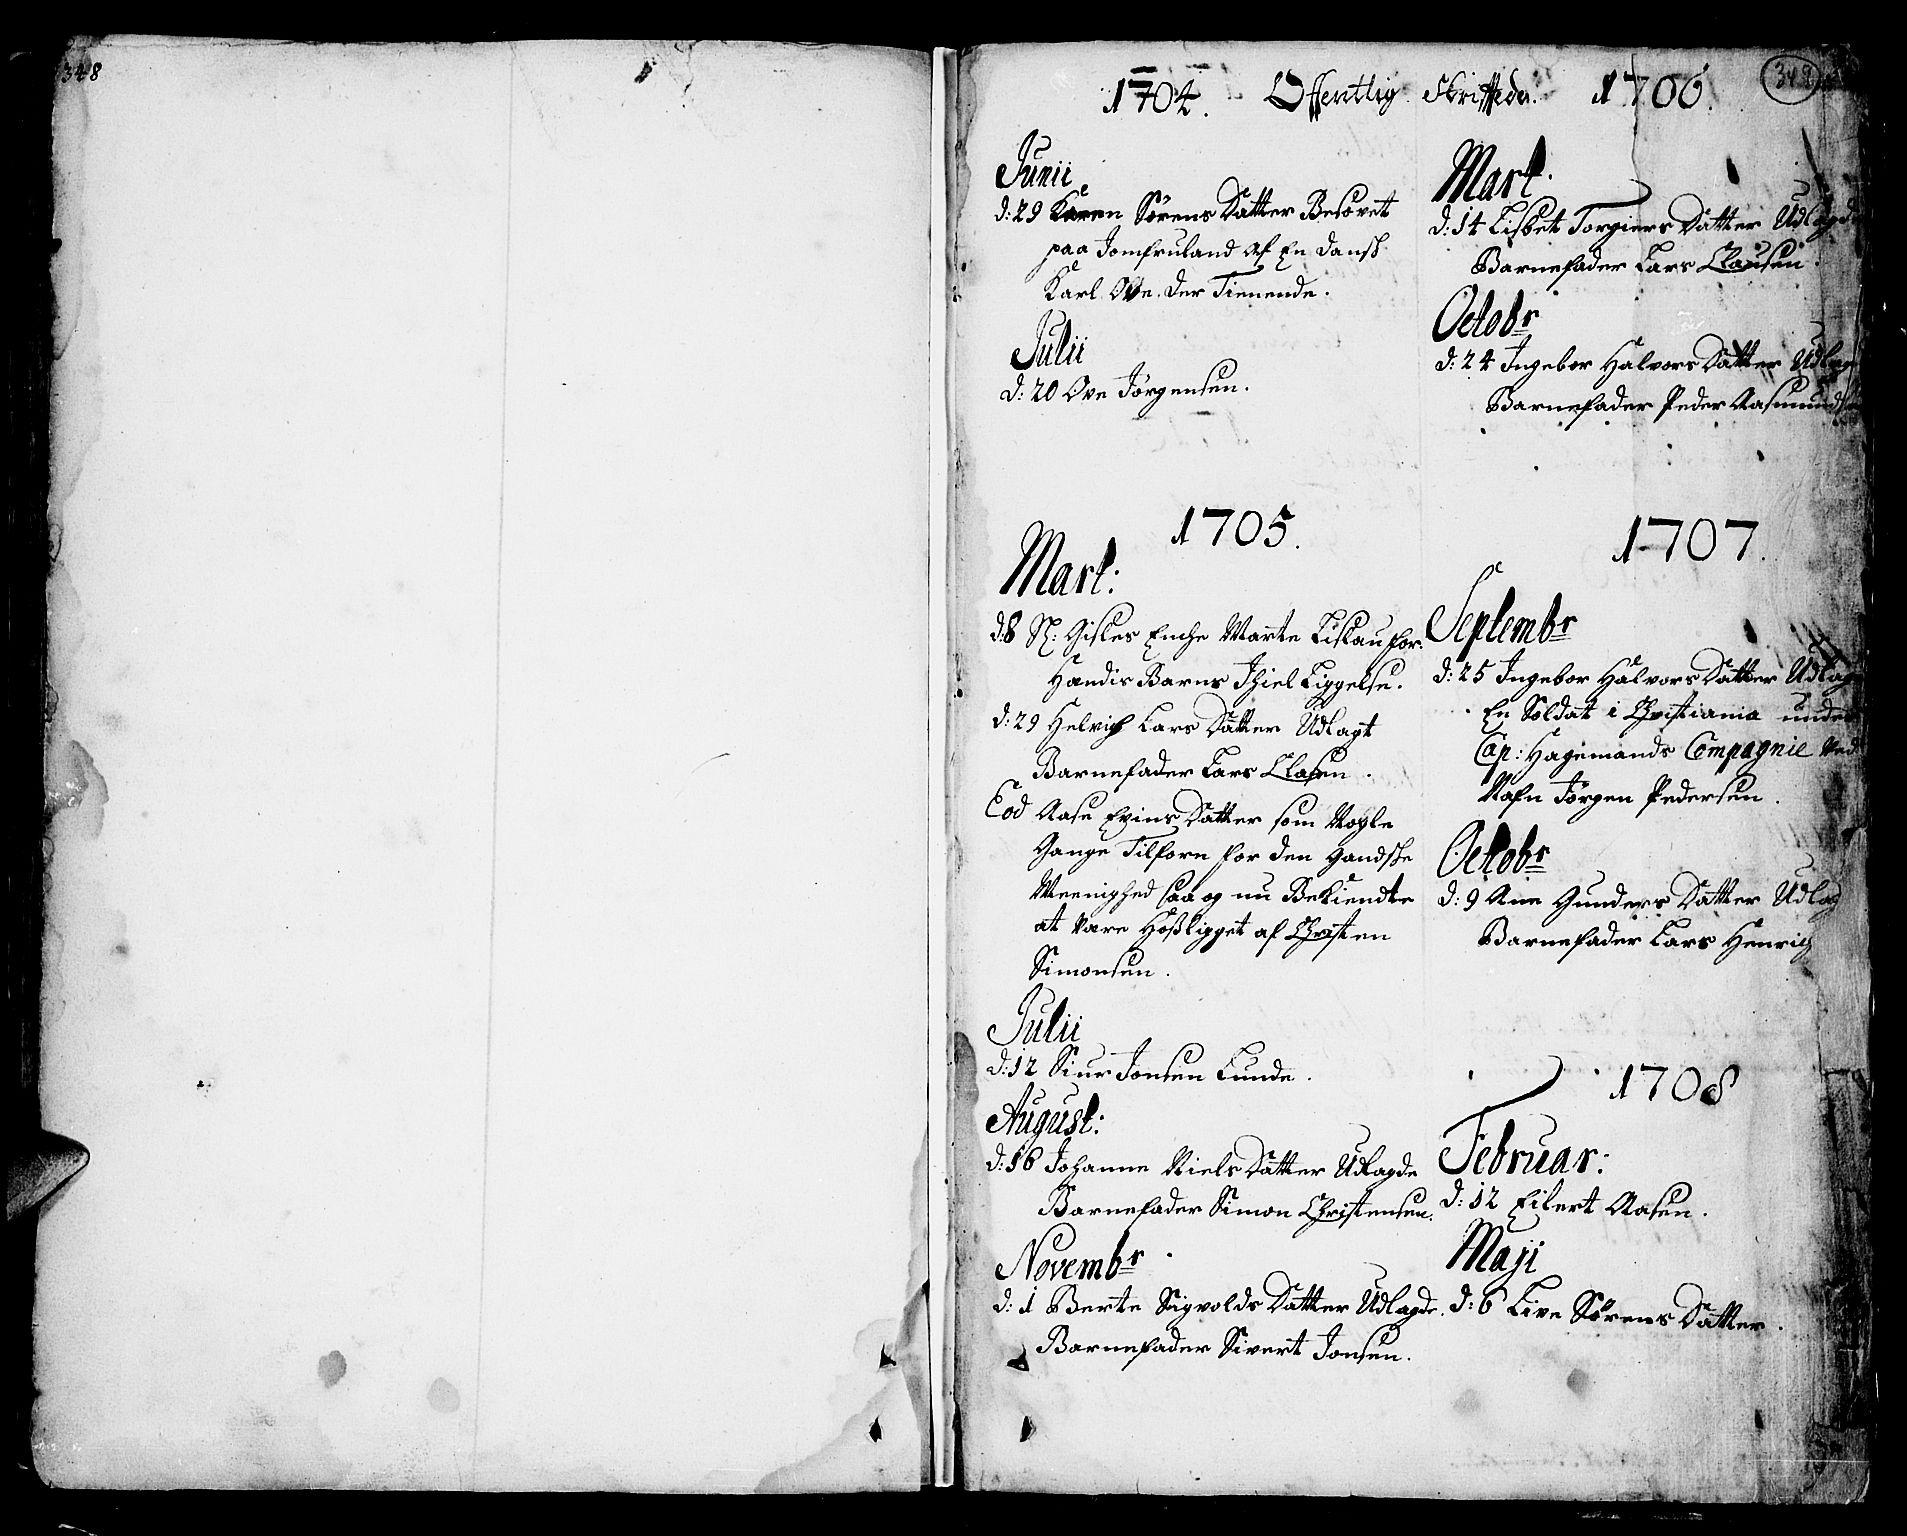 SAKO, Sannidal kirkebøker, F/Fa/L0001: Ministerialbok nr. 1, 1702-1766, s. 348-349